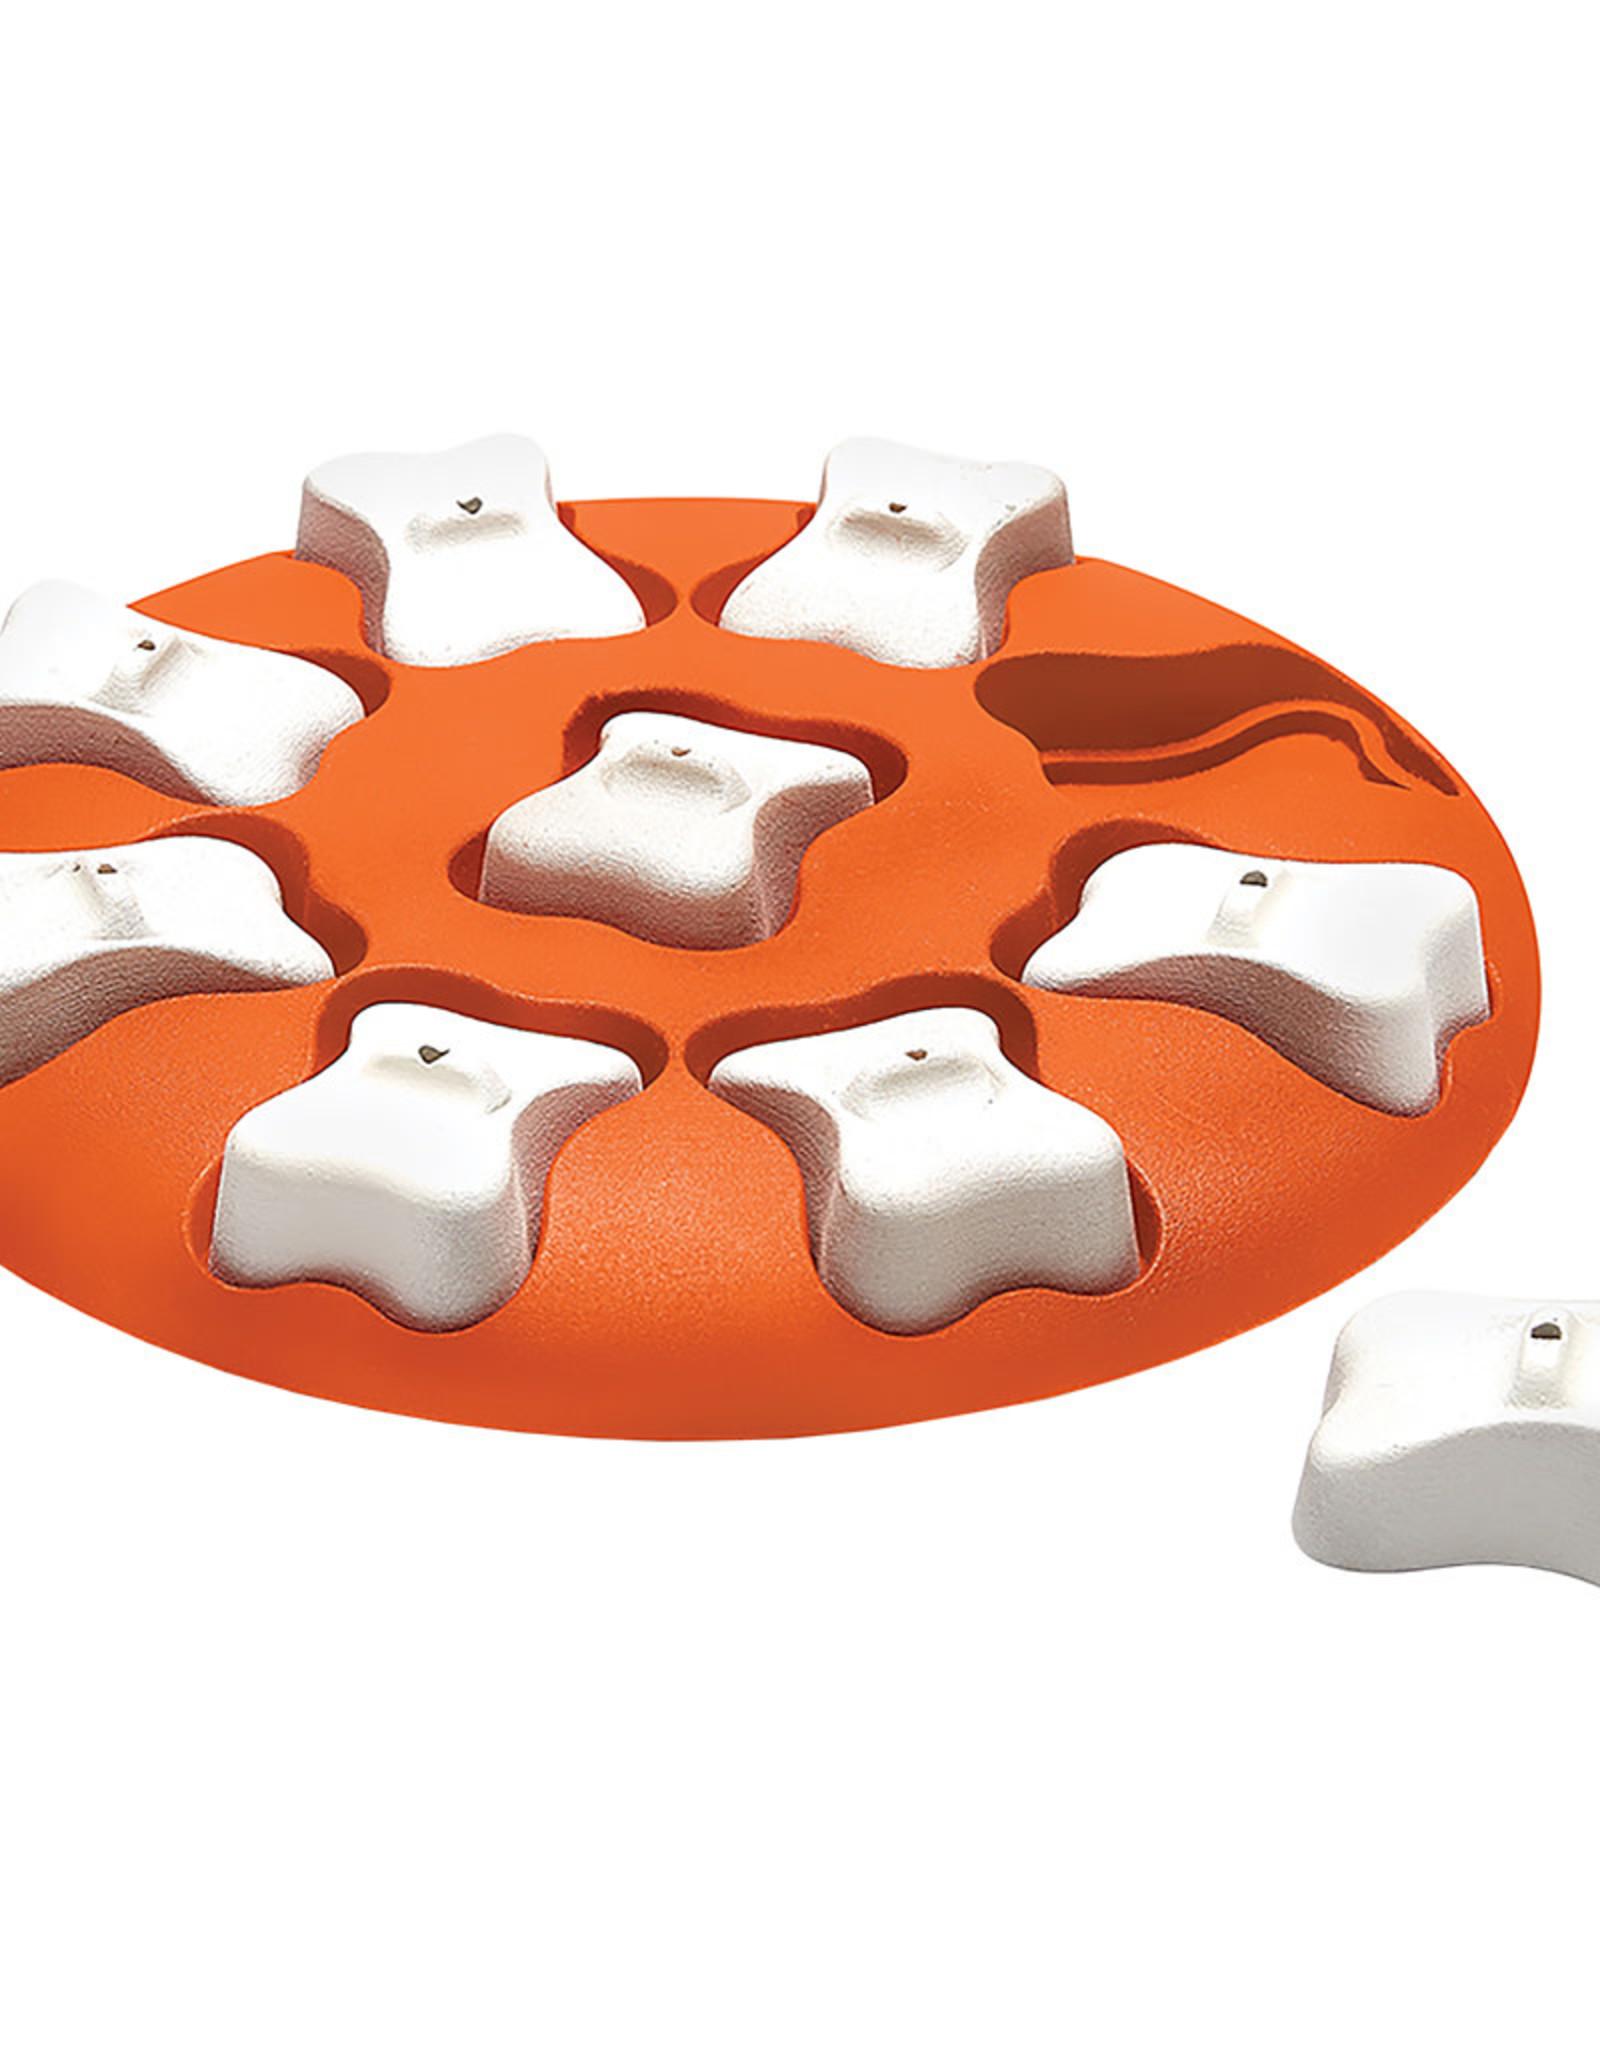 OUTWARD HOUND Outward Hound Dog Smart Orange | Puzzle